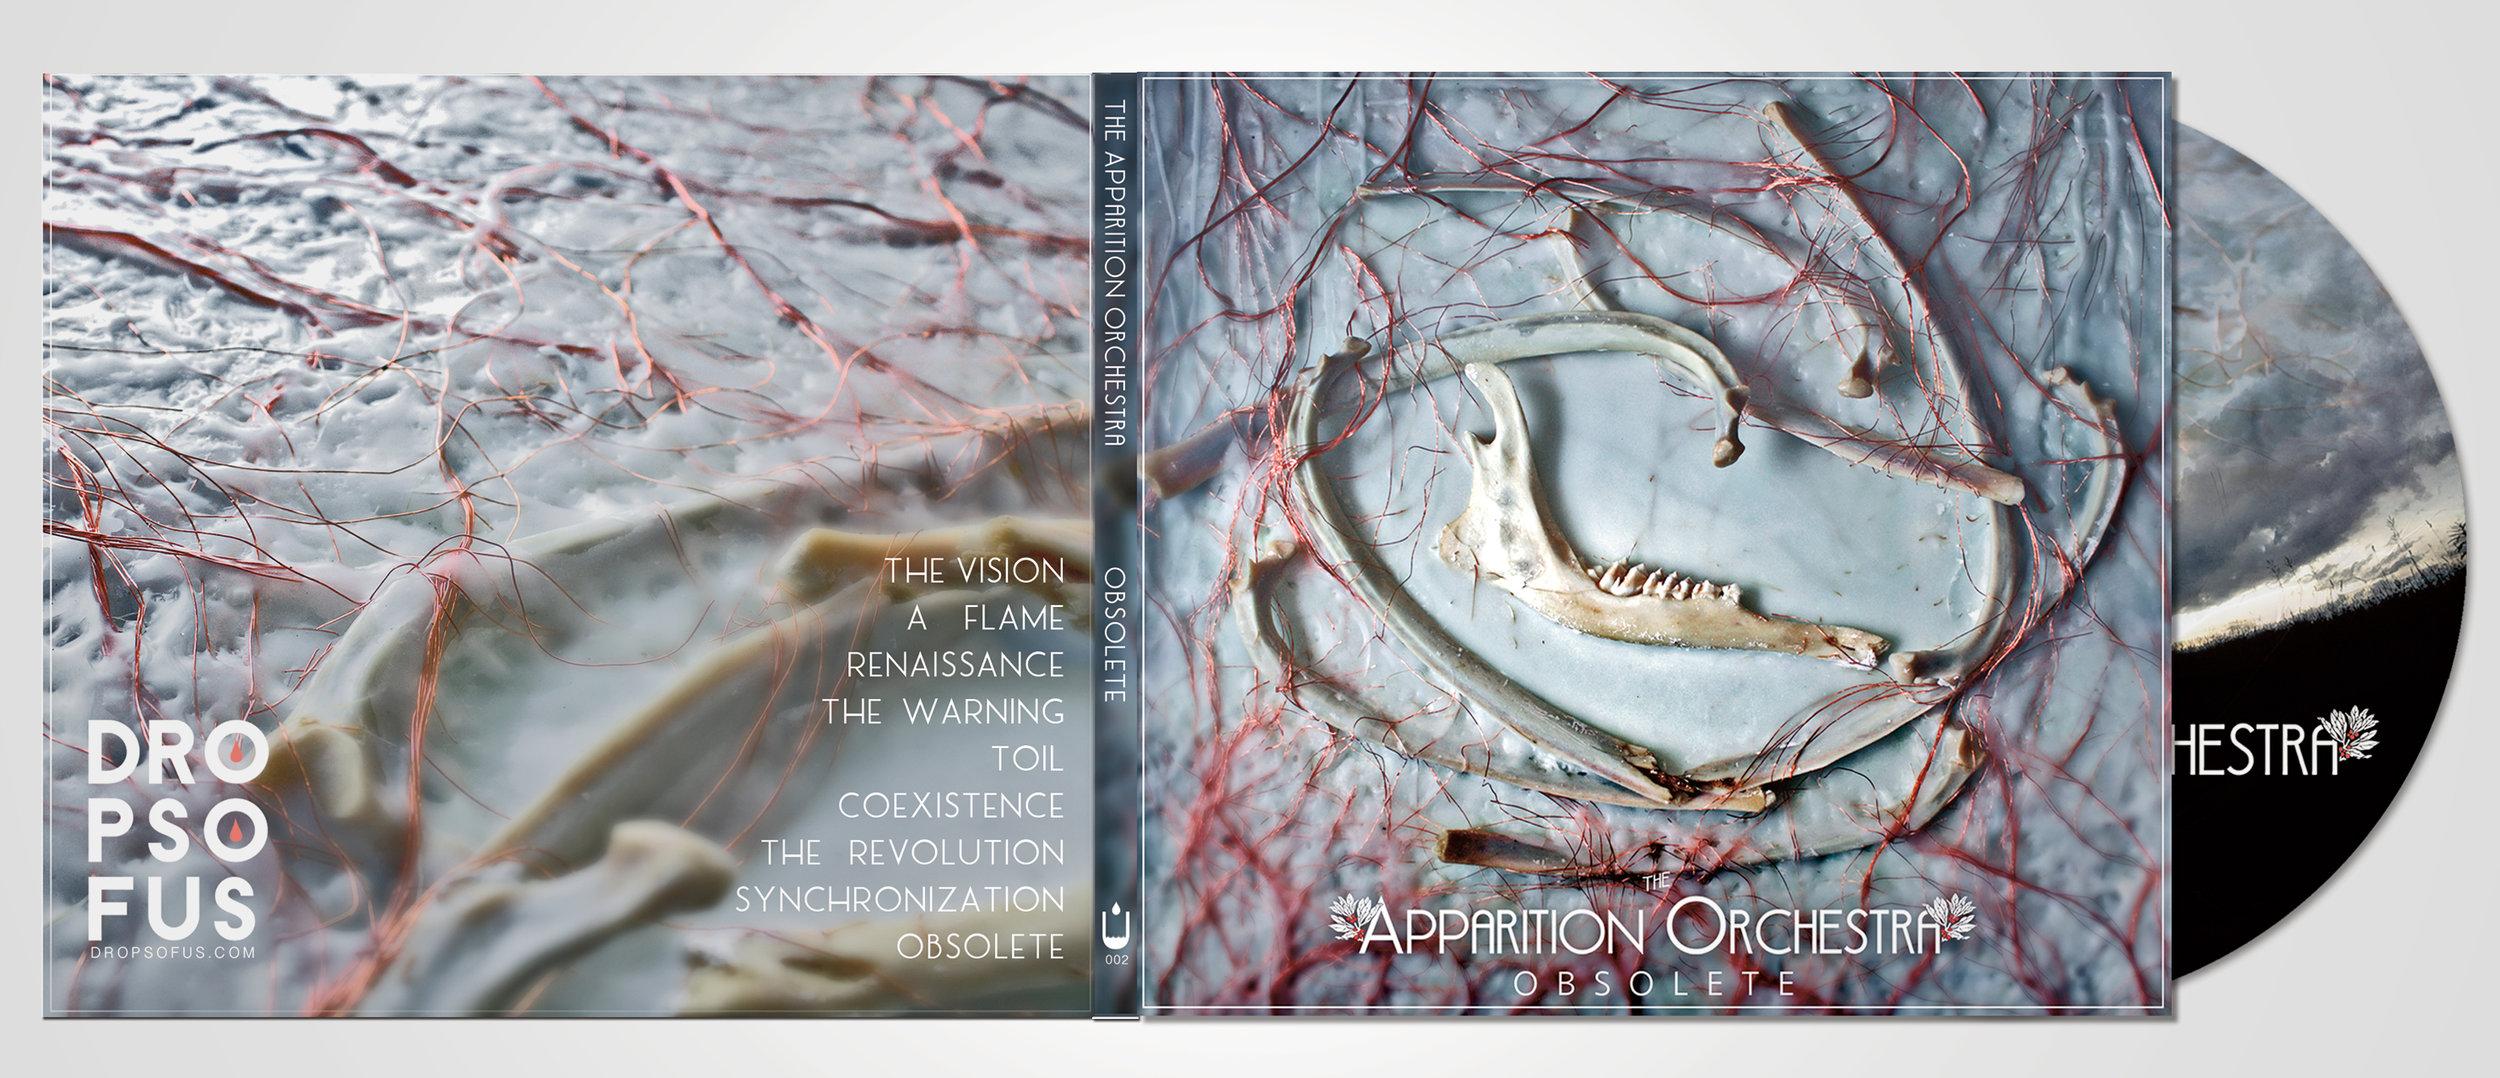 OBSOLETE-CD-spread.jpg